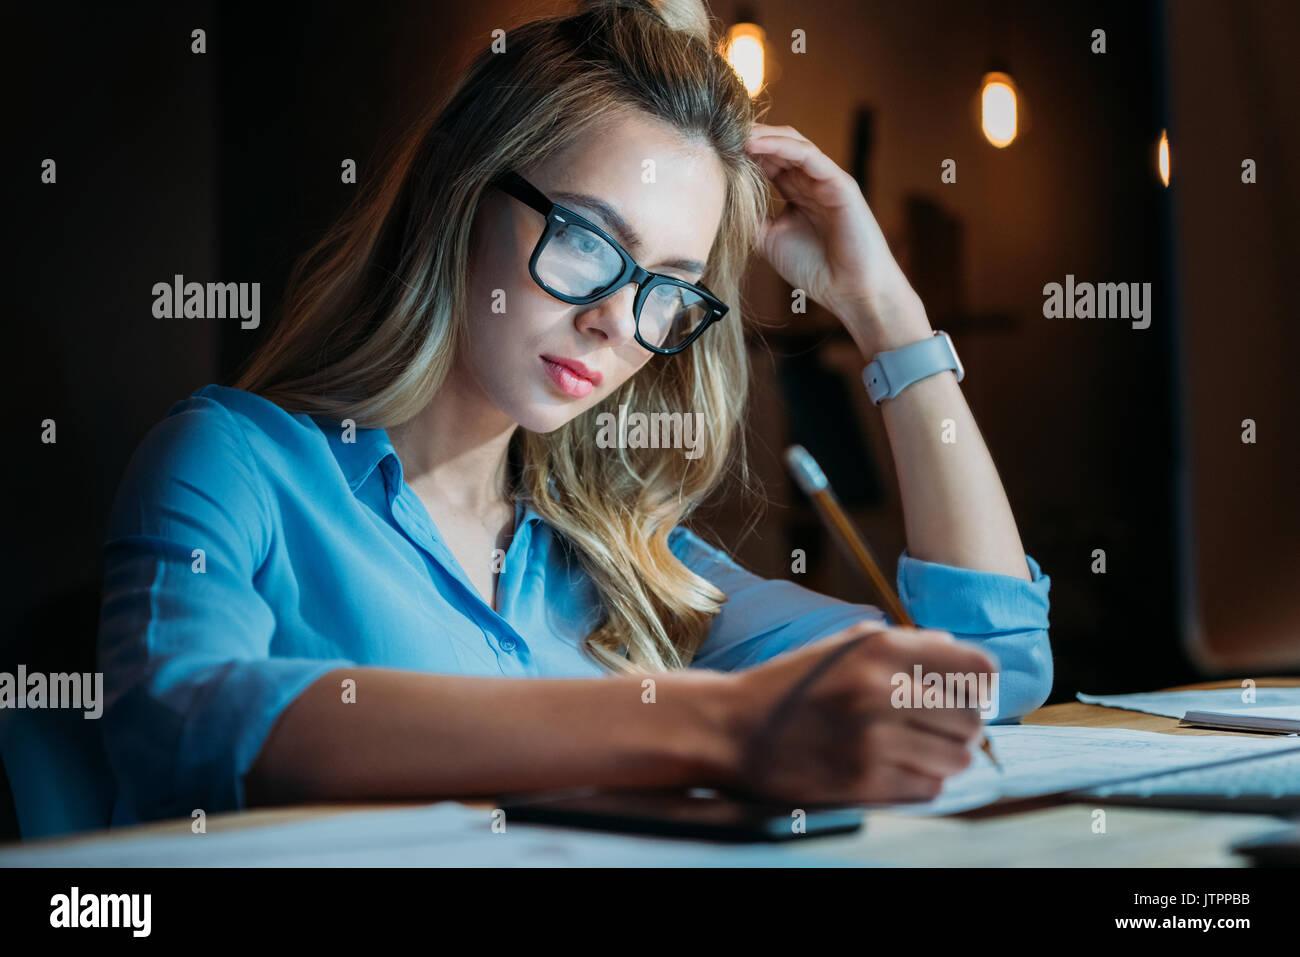 Stanco bionda studente caucasici in occhiali a scrivere qualcosa con la matita e studiare fino a tardi Immagini Stock